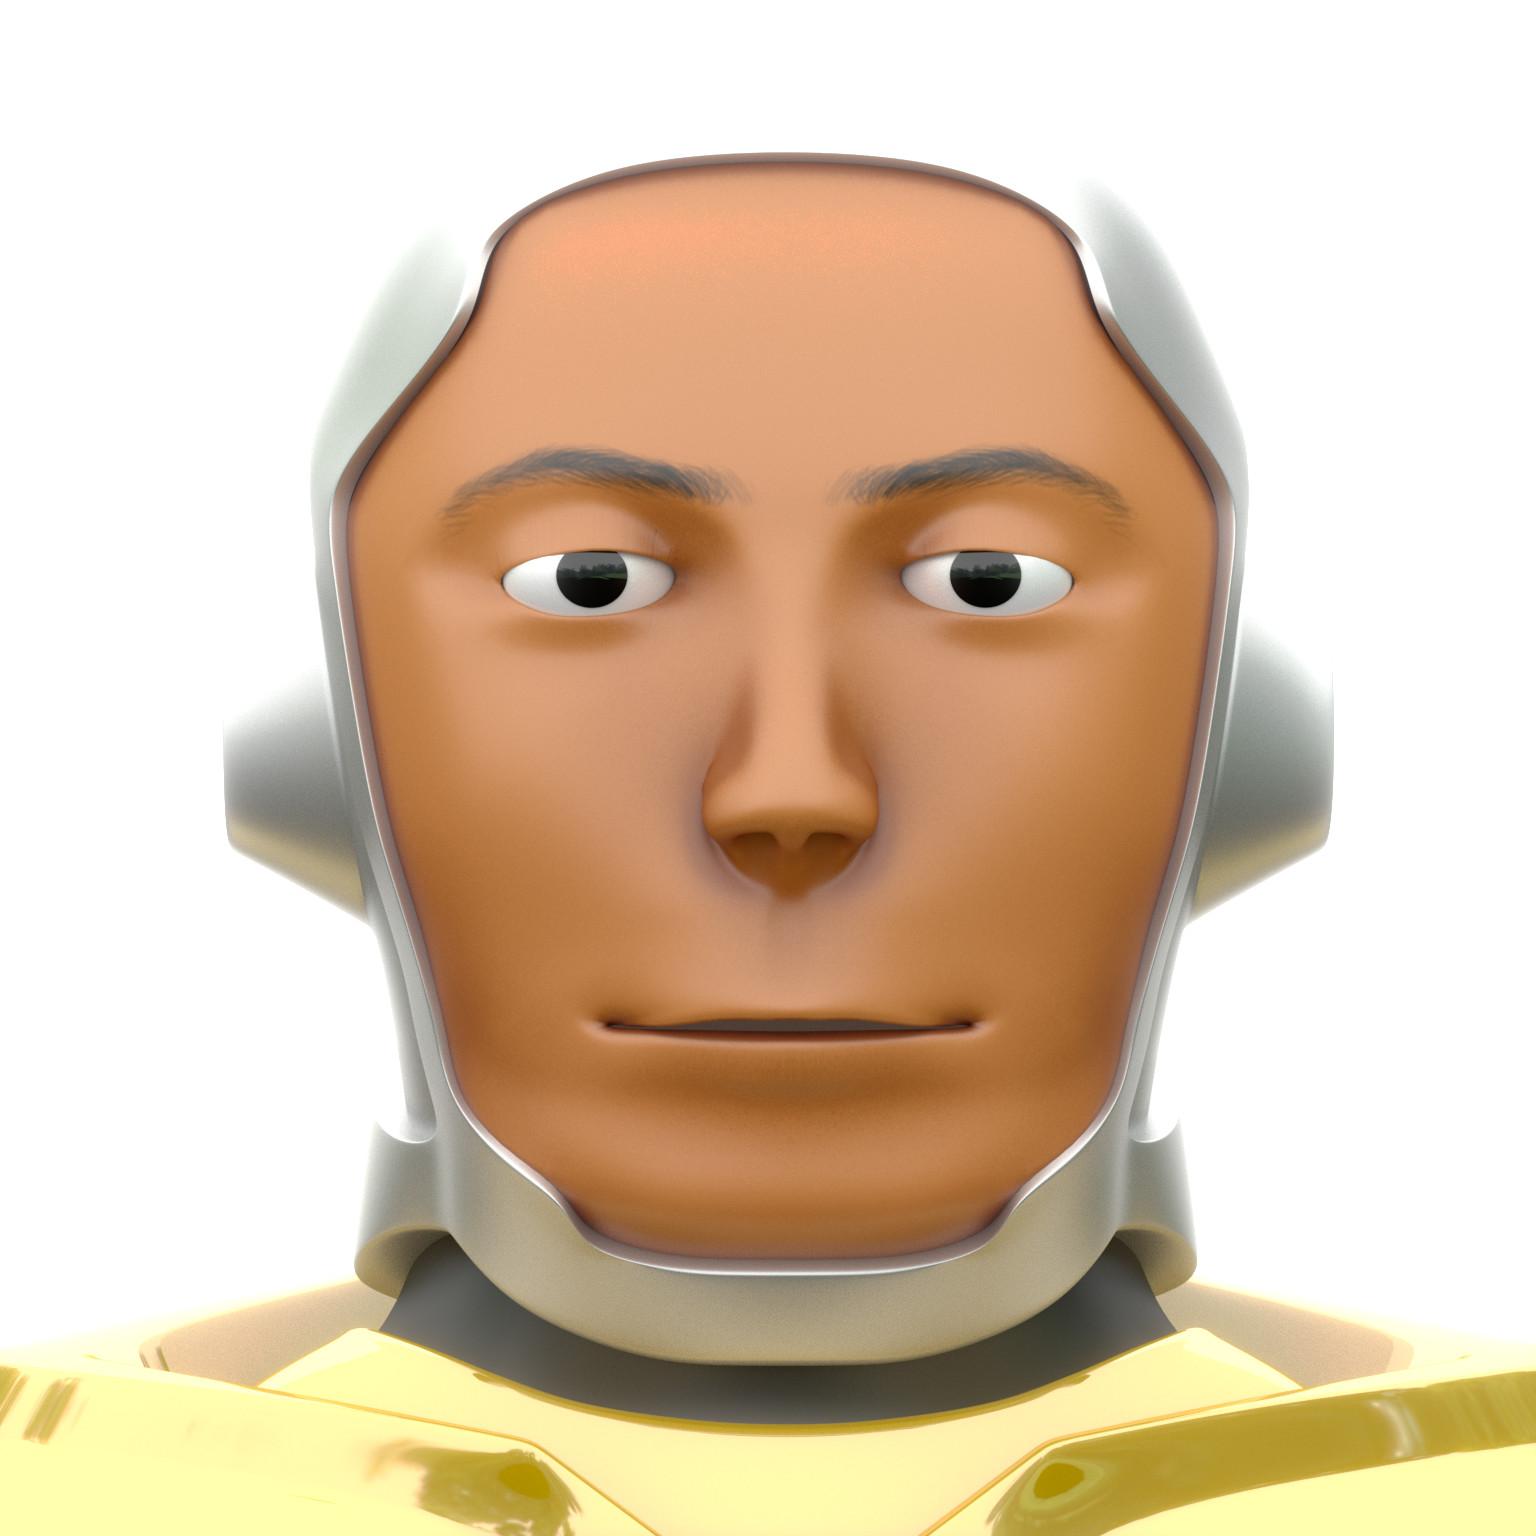 Ron tabora the astronaut 04